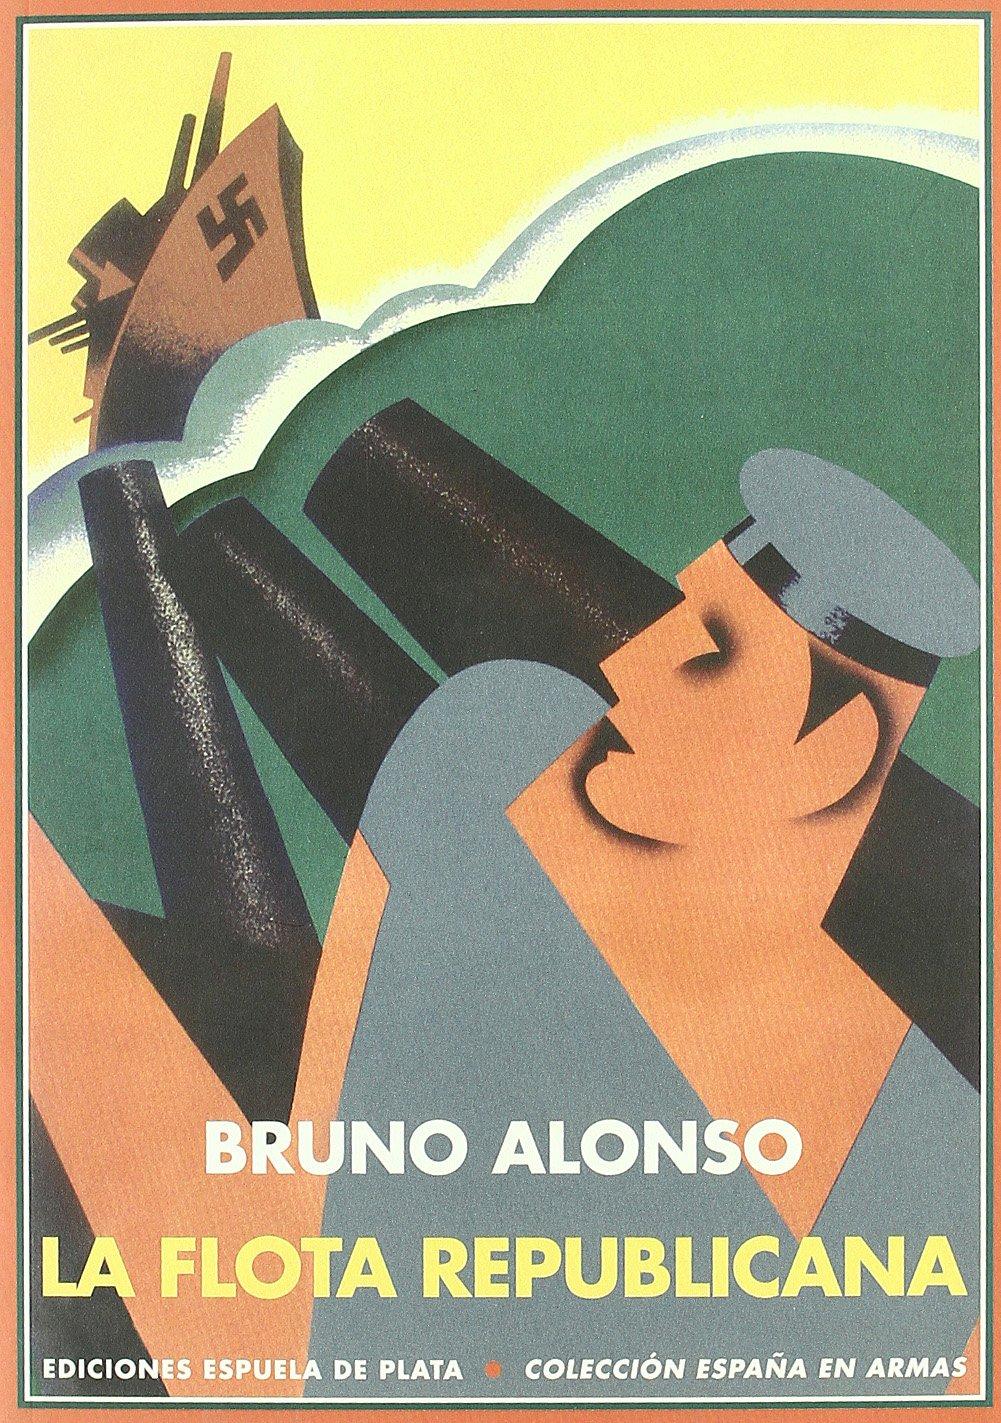 Flota Republicana Y La Guerra Civ: Memorias de su Comisario General España en Armas: Amazon.es: Bruno, Alonso: Libros